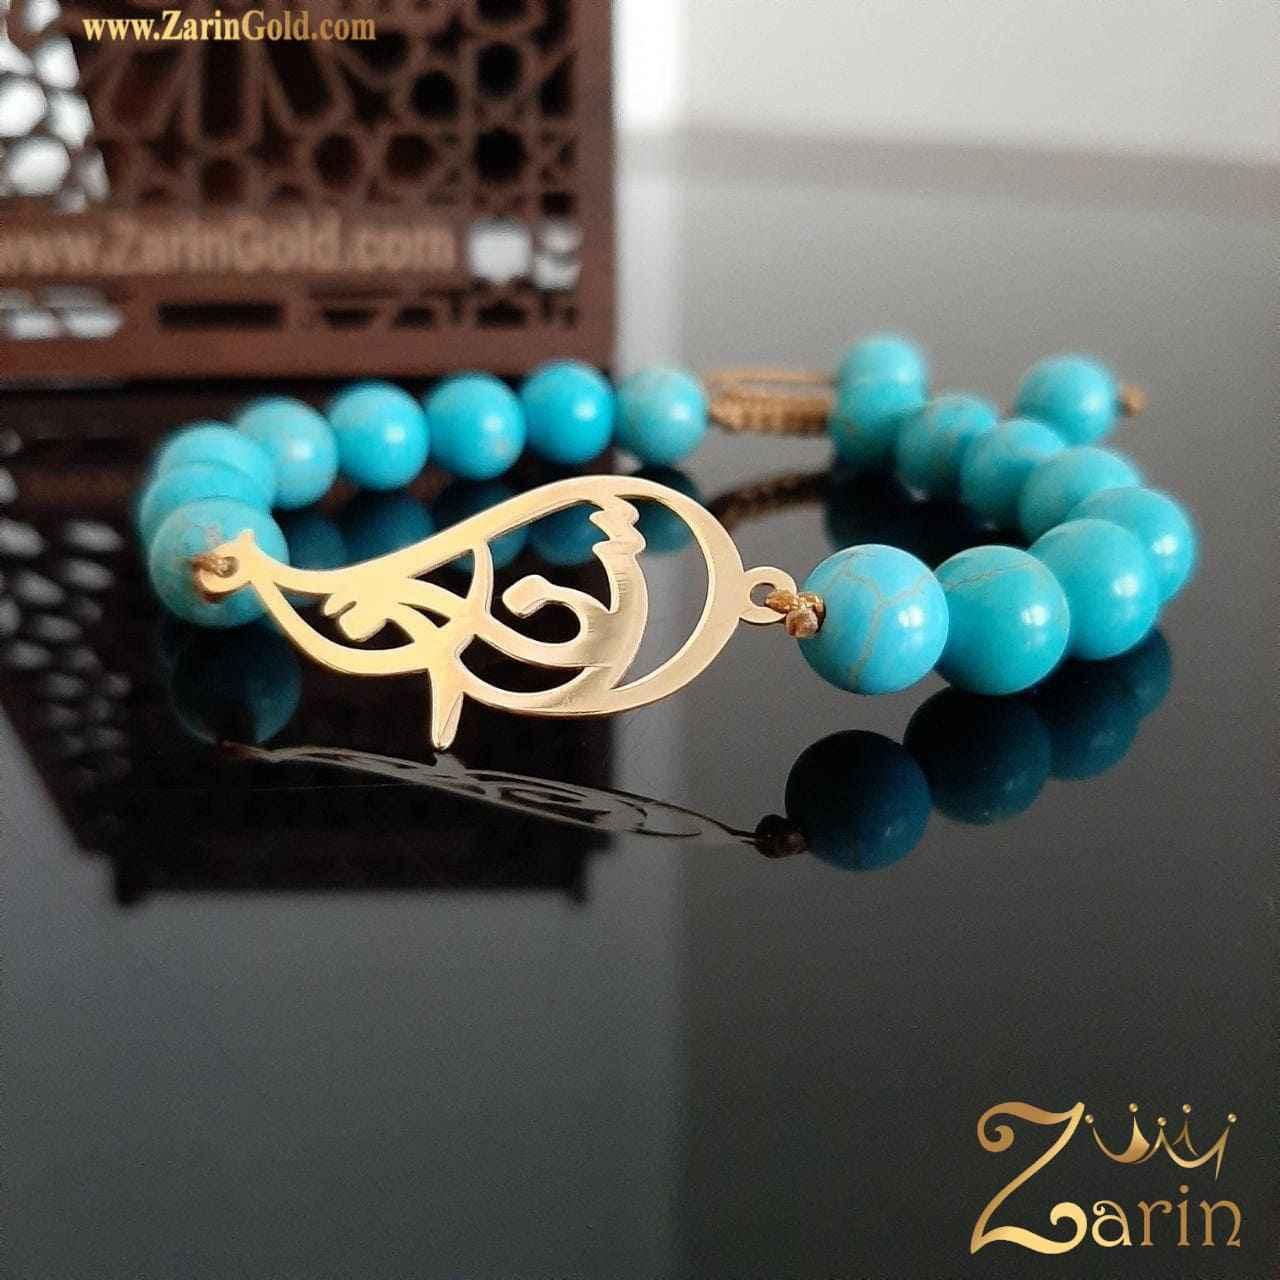 دستبند طلا با اسم ساناز